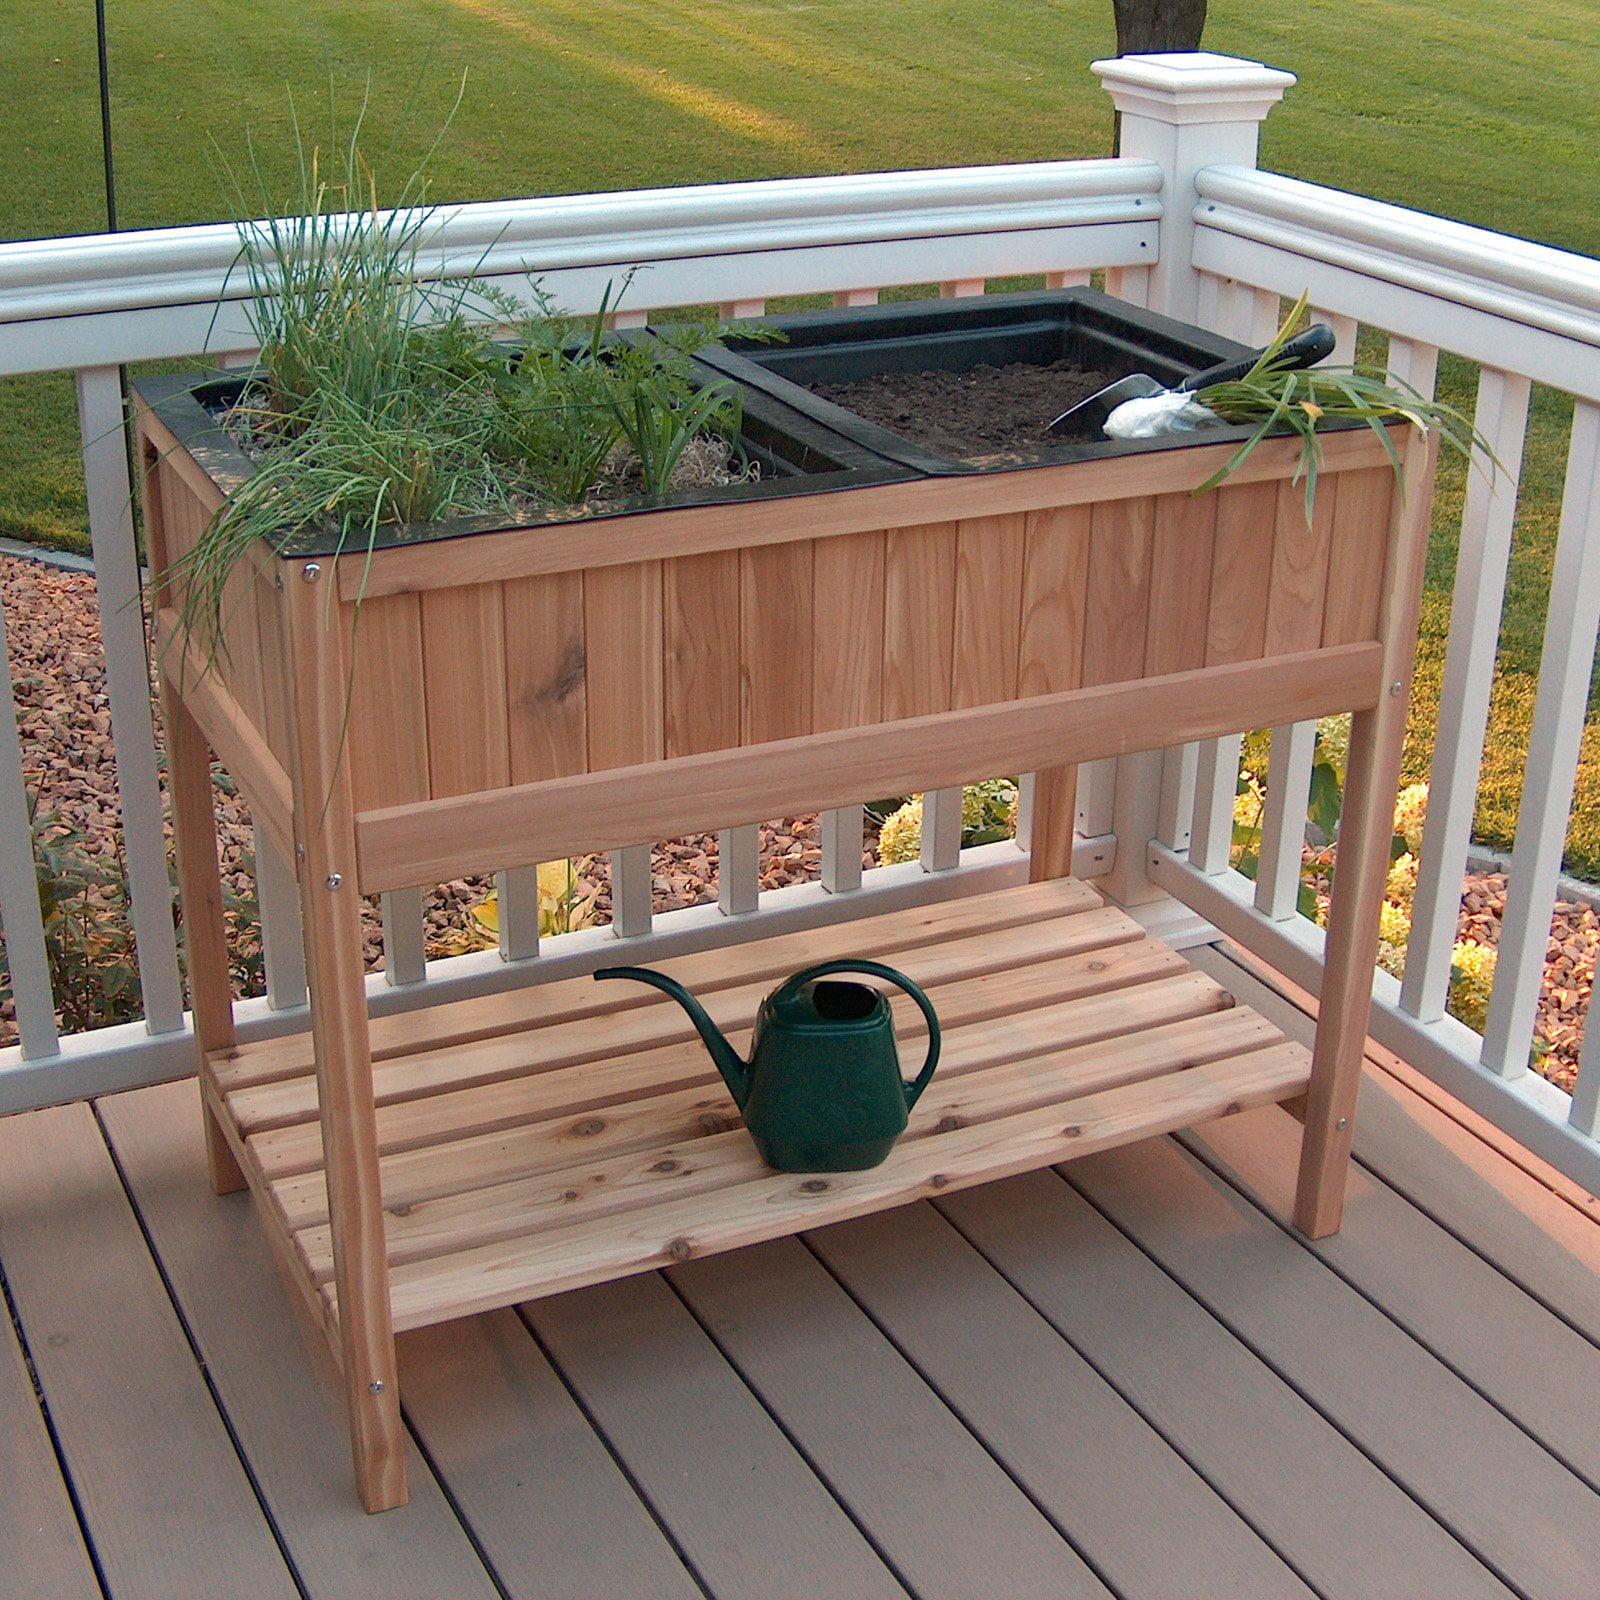 Prairie Leisure Herb Garden Raised Planter with 2 Liners - Walmart.com